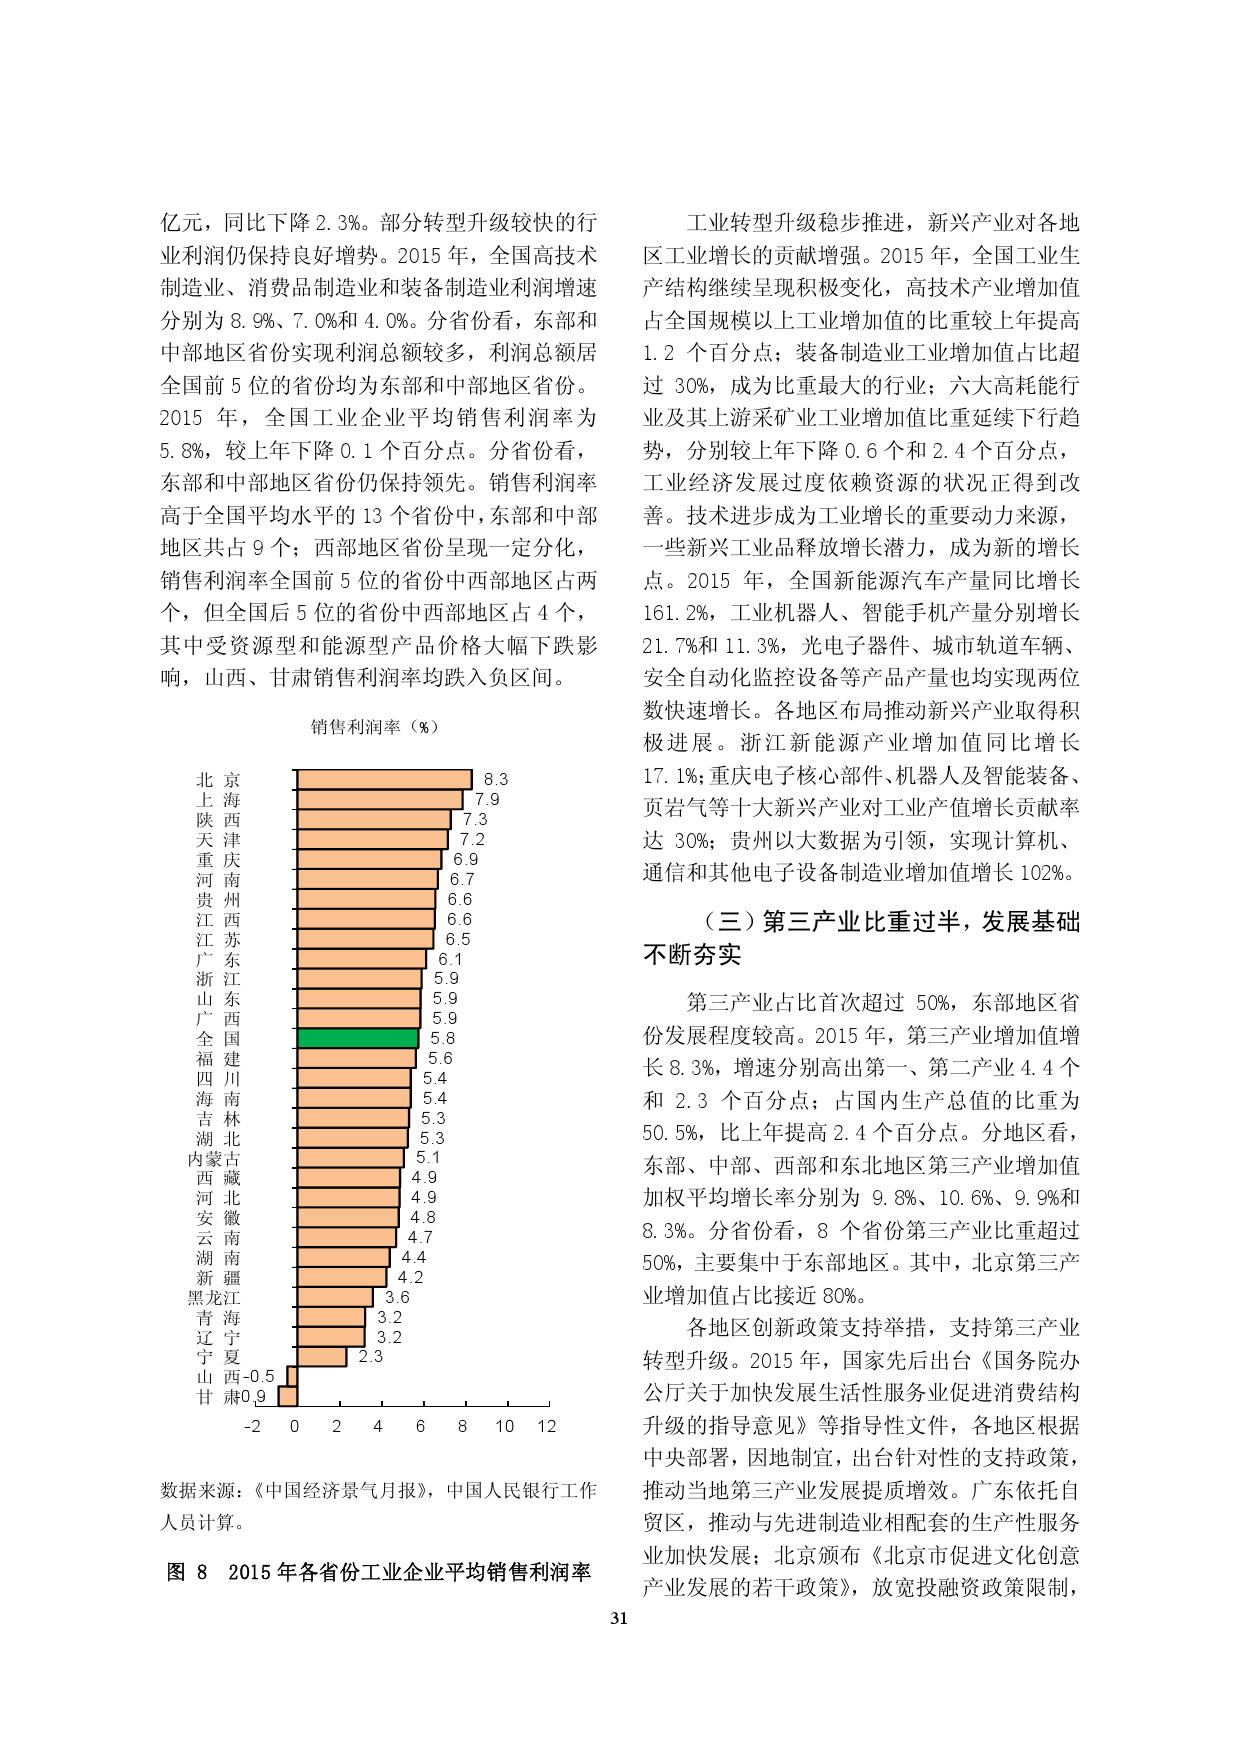 2015年中国区域金融运行报告_000034